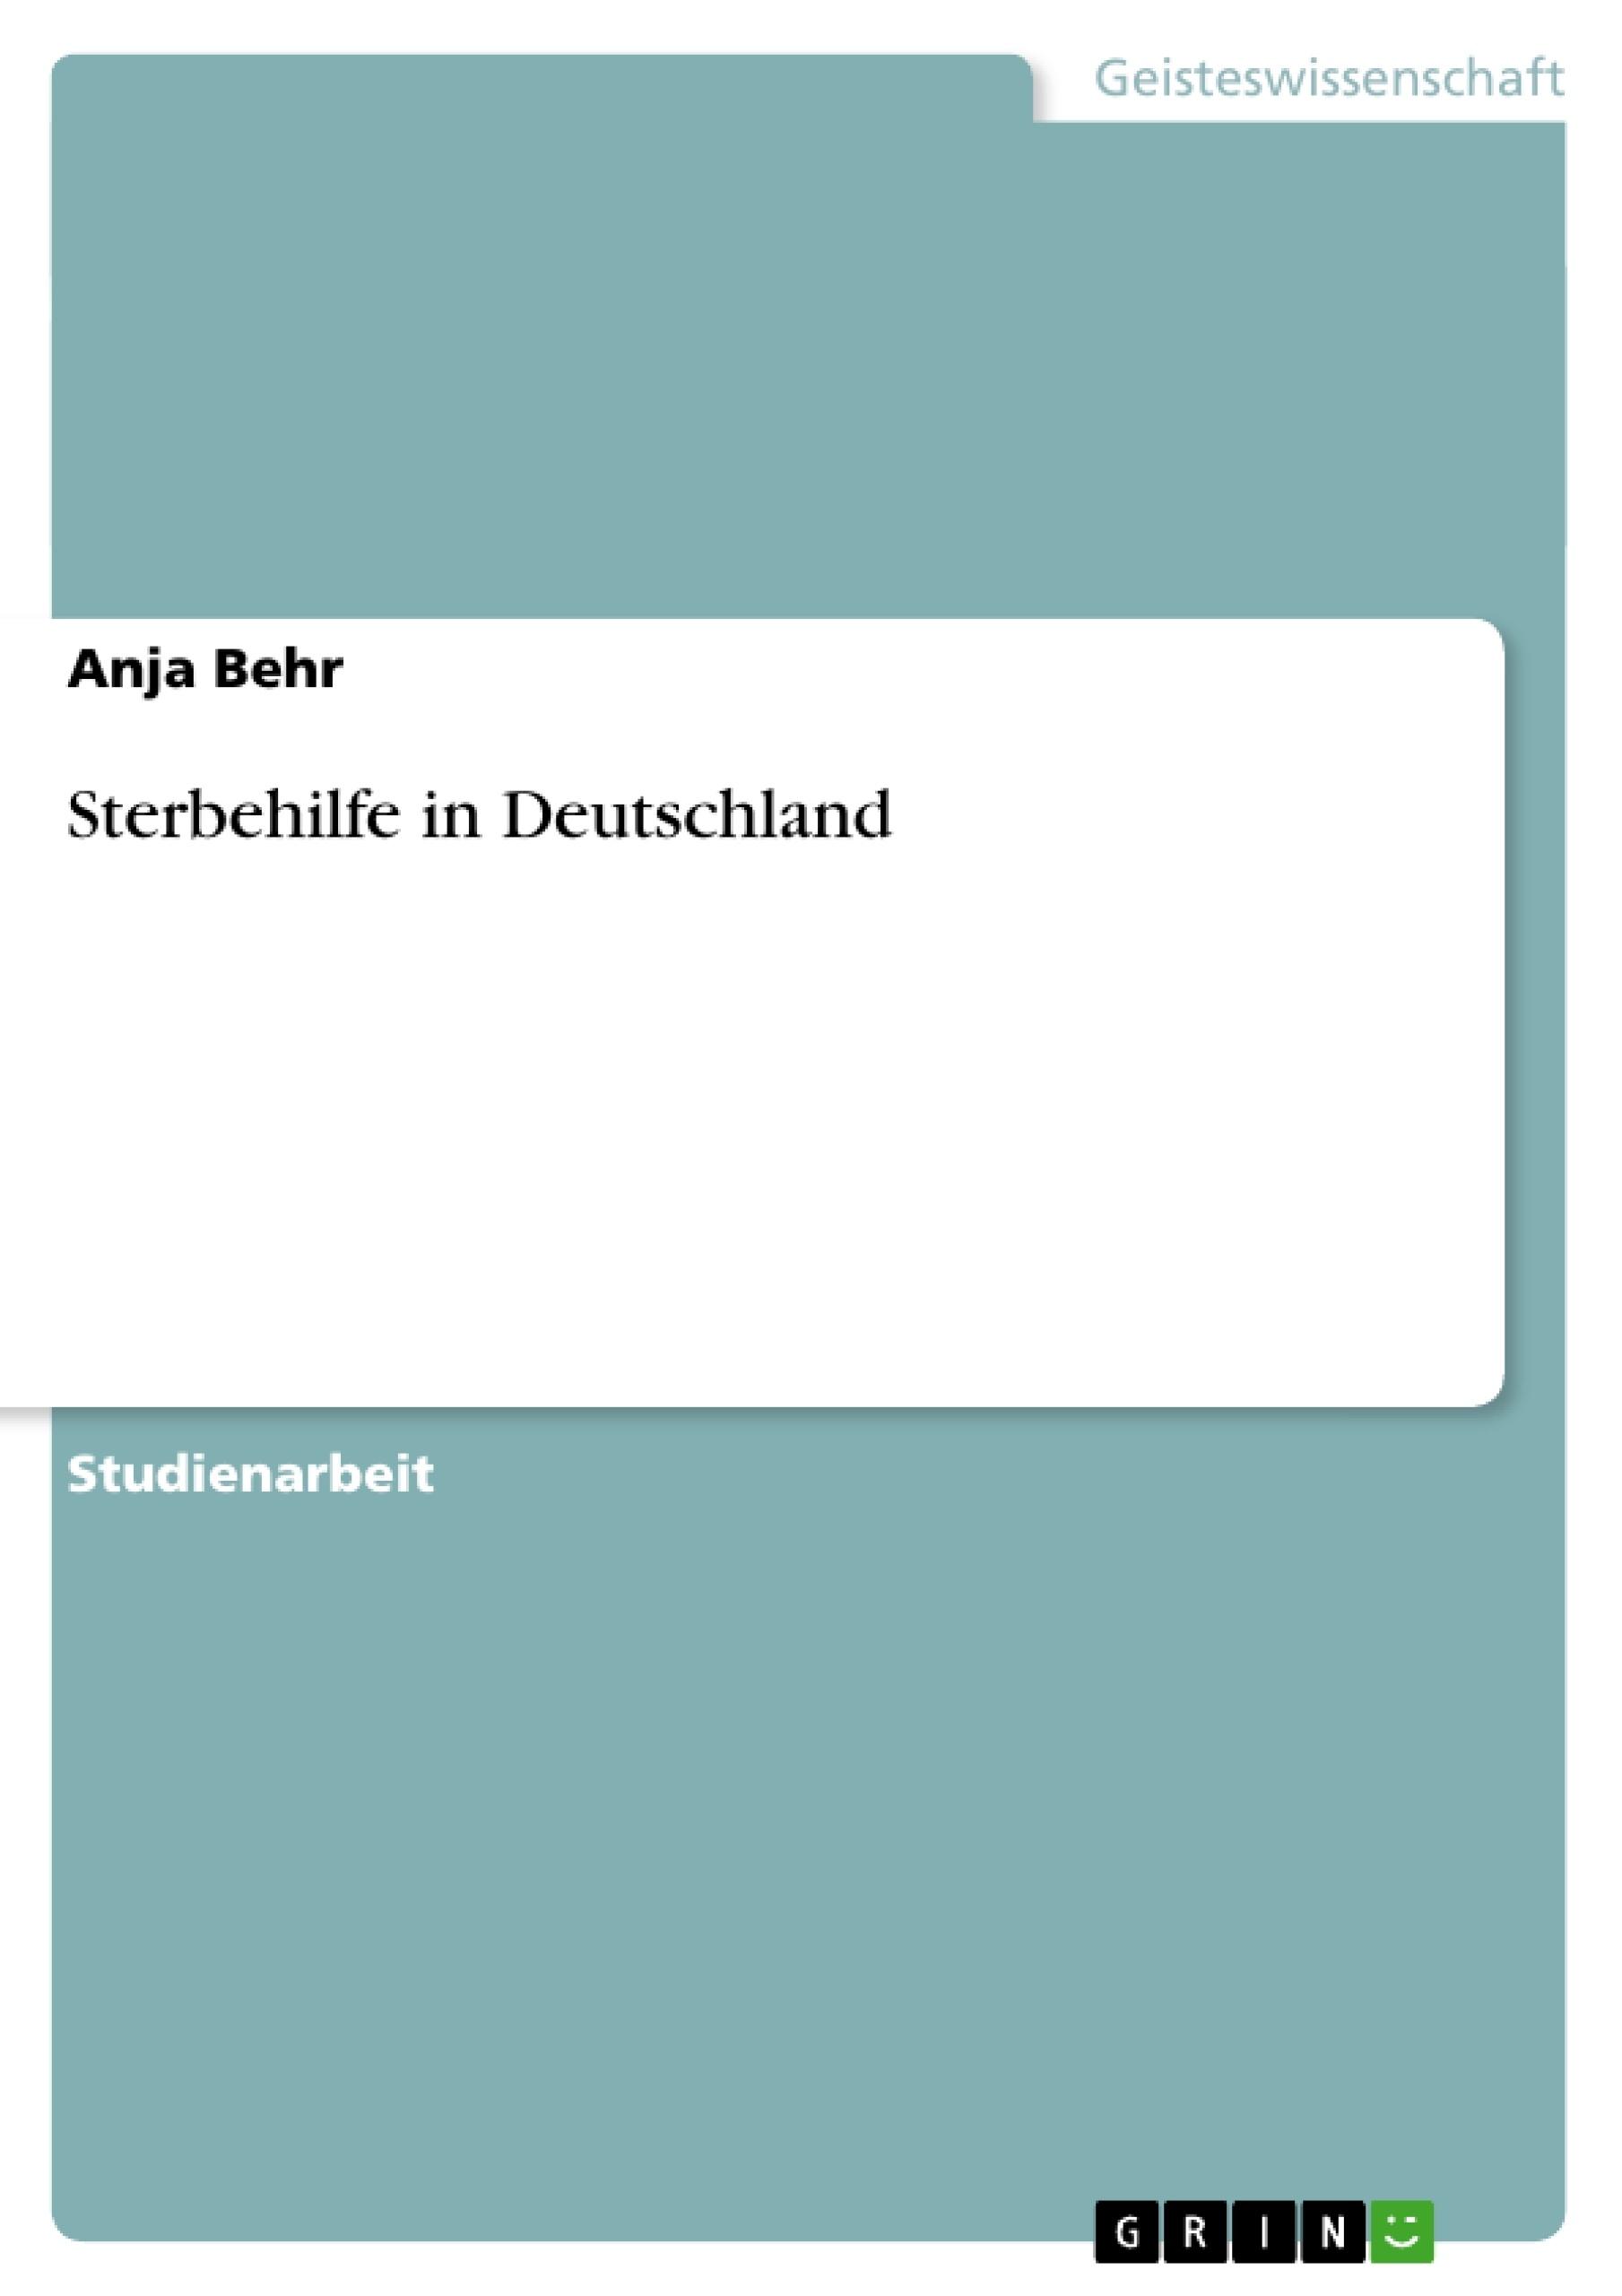 Titel: Sterbehilfe in Deutschland